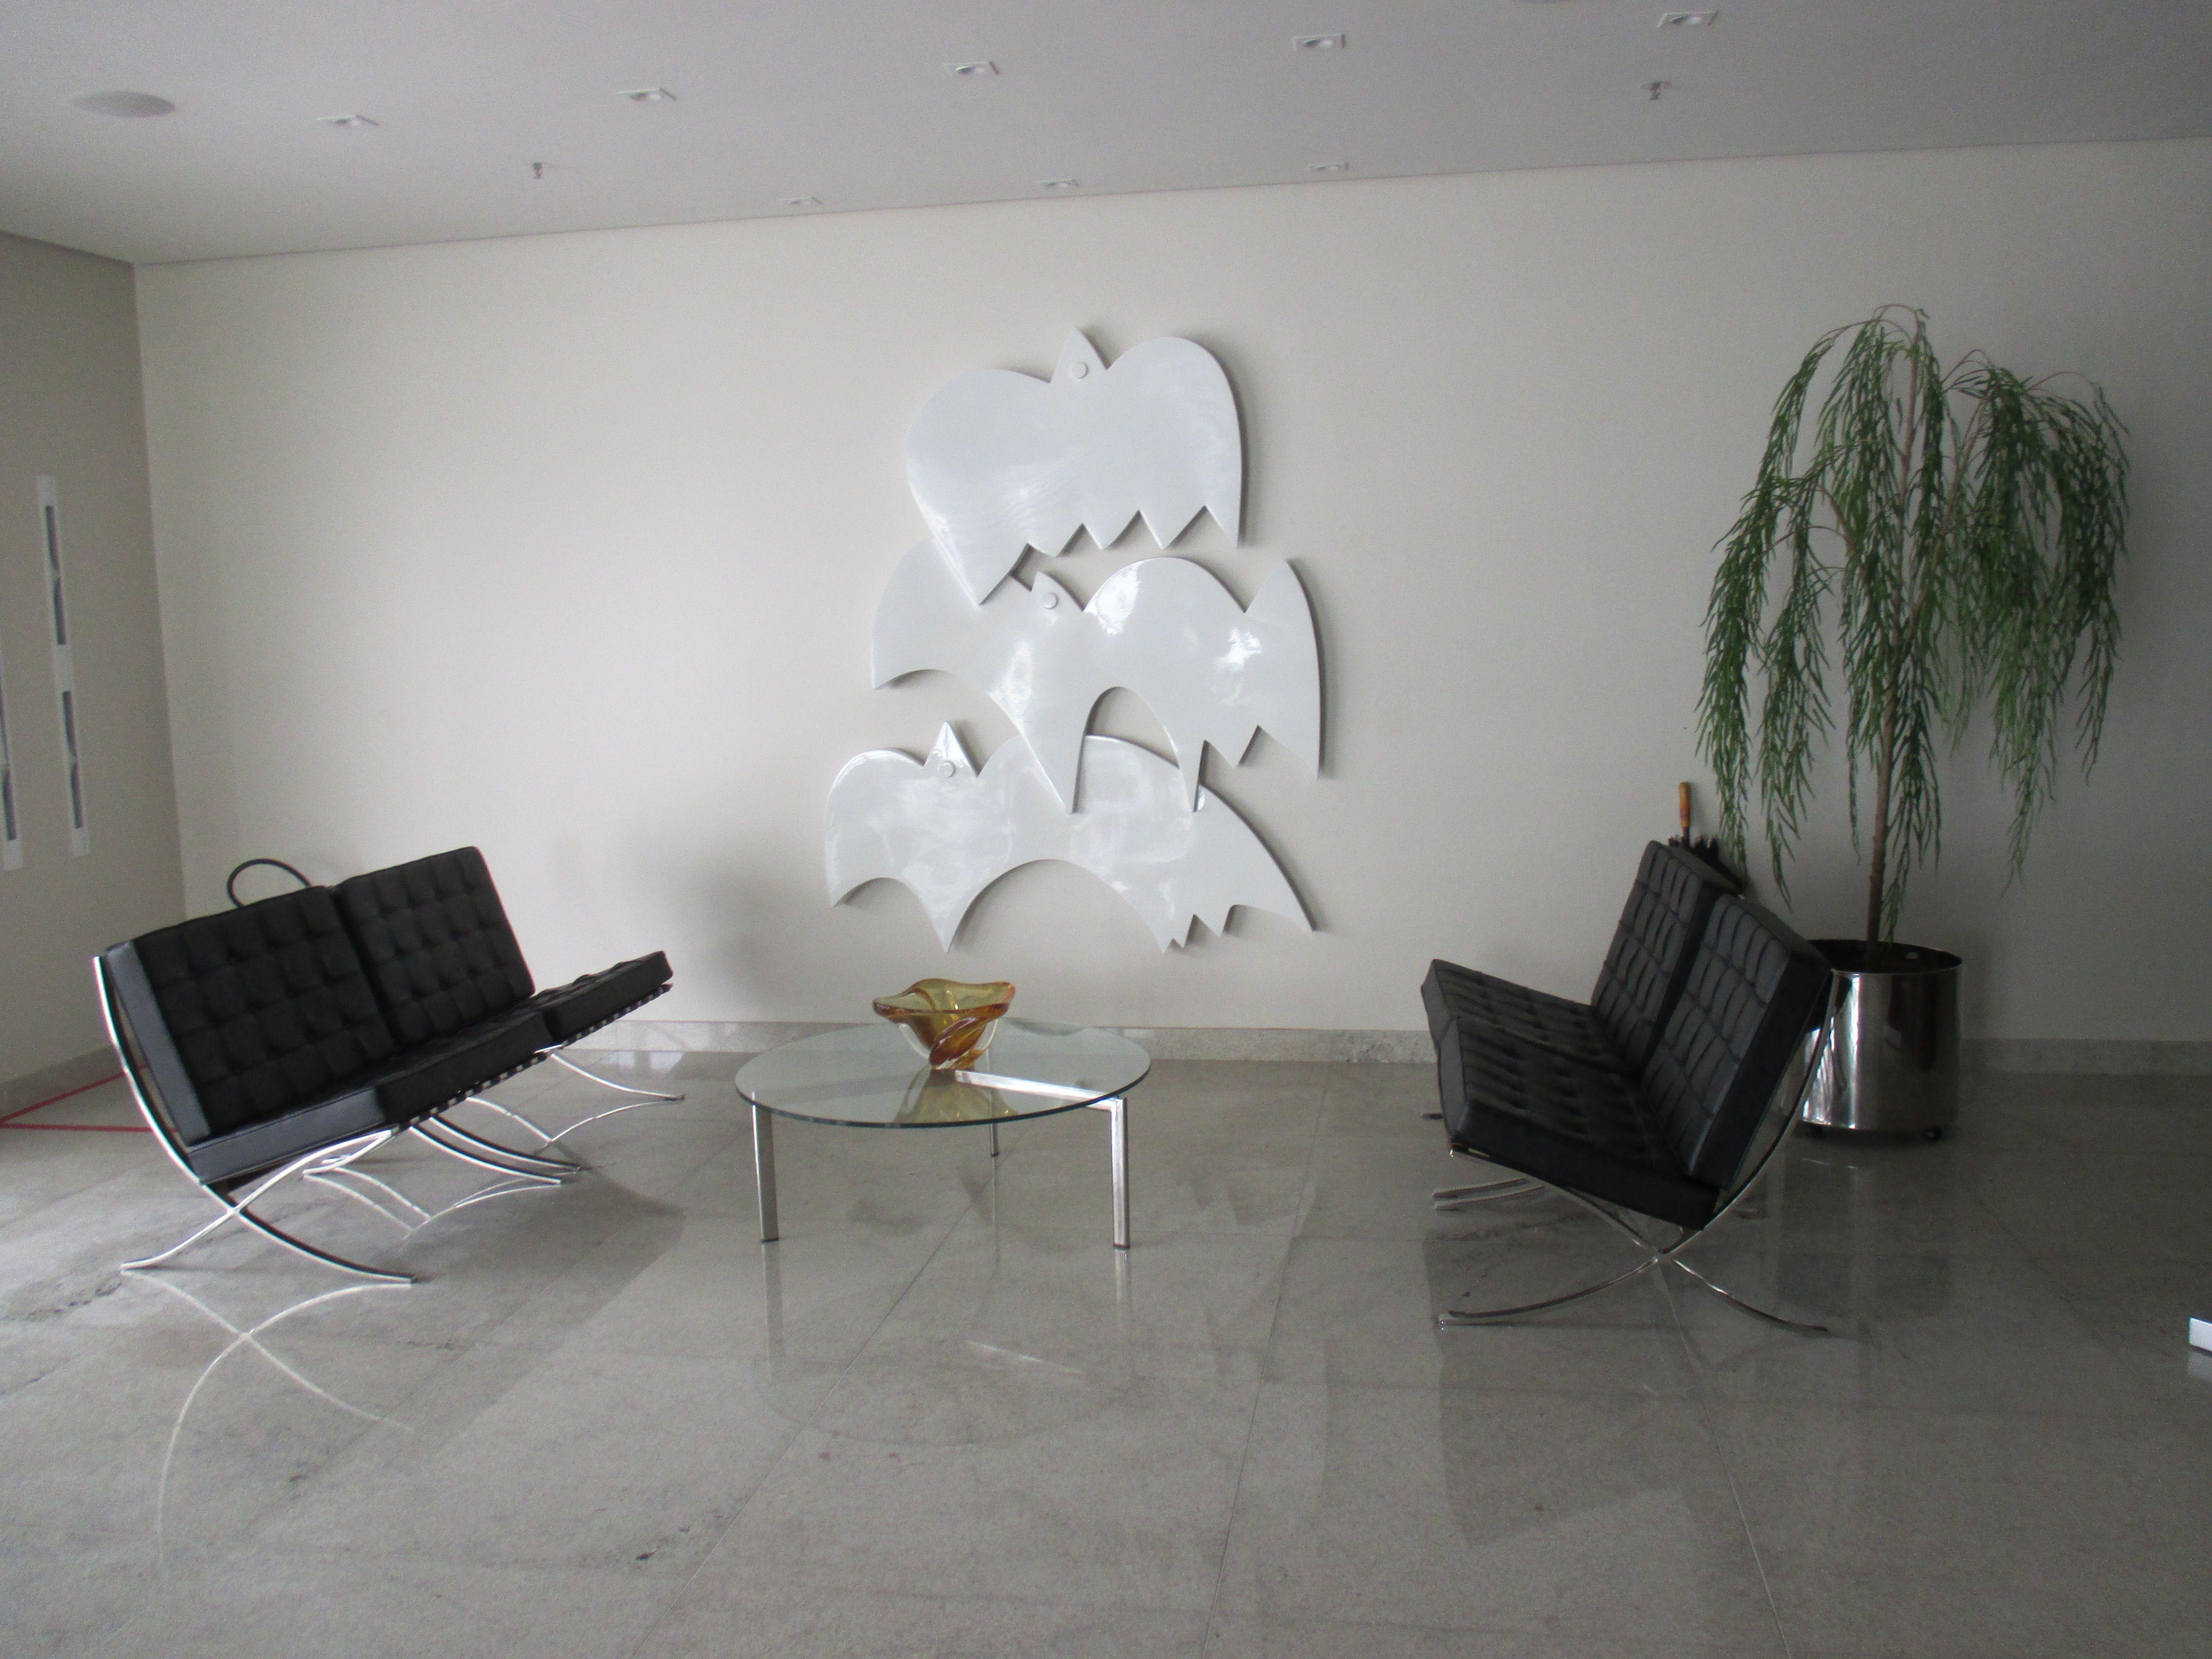 escultura de roberto cavalcanti no hall do hospital Jaime da Fonte. recife.pe